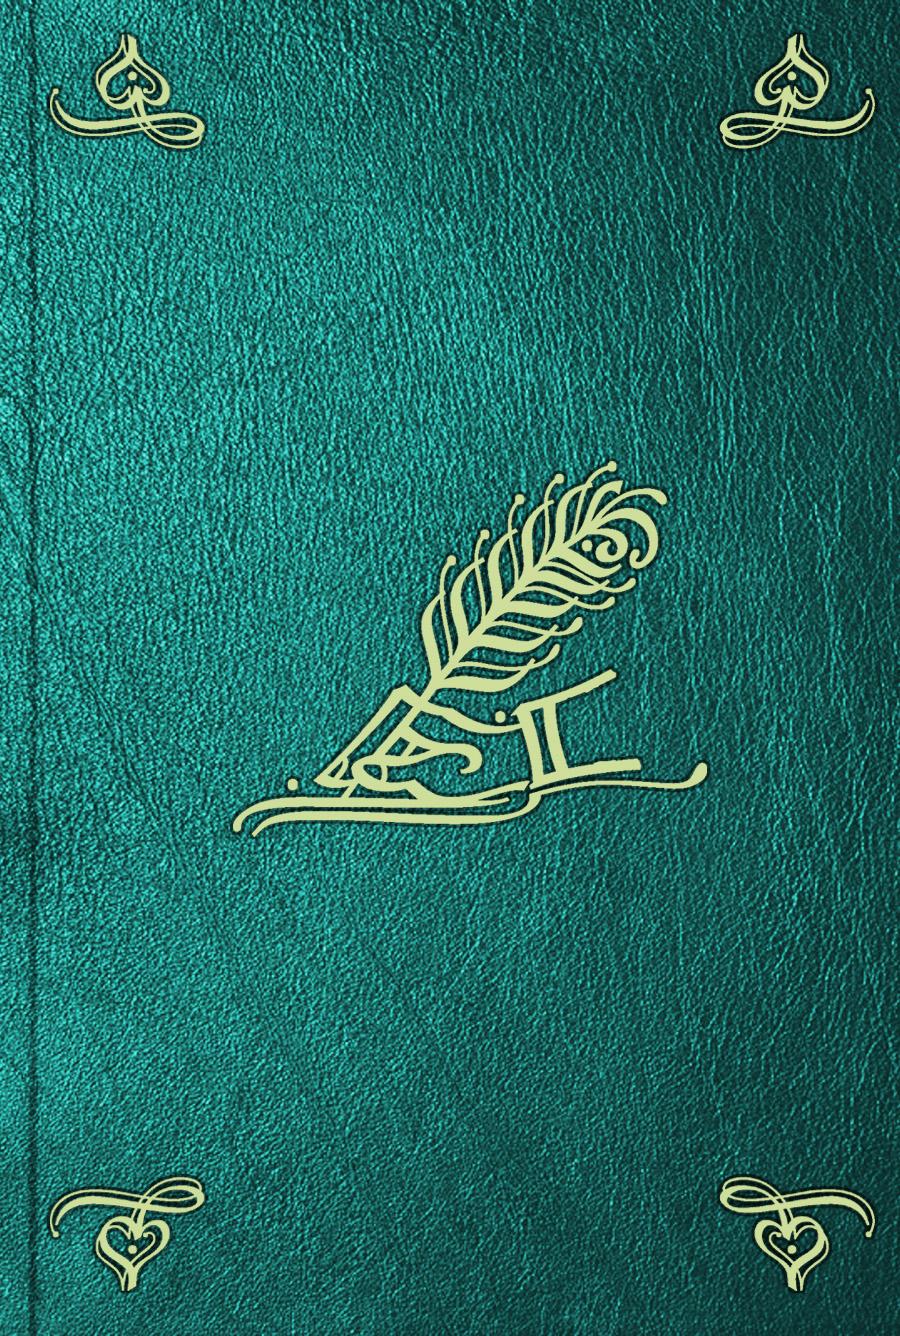 Comte de Buffon Georges Louis Leclerc Histoire naturelle. T. 6. Oiseaux comte de buffon georges louis leclerc histoire naturelle t 6 oiseaux